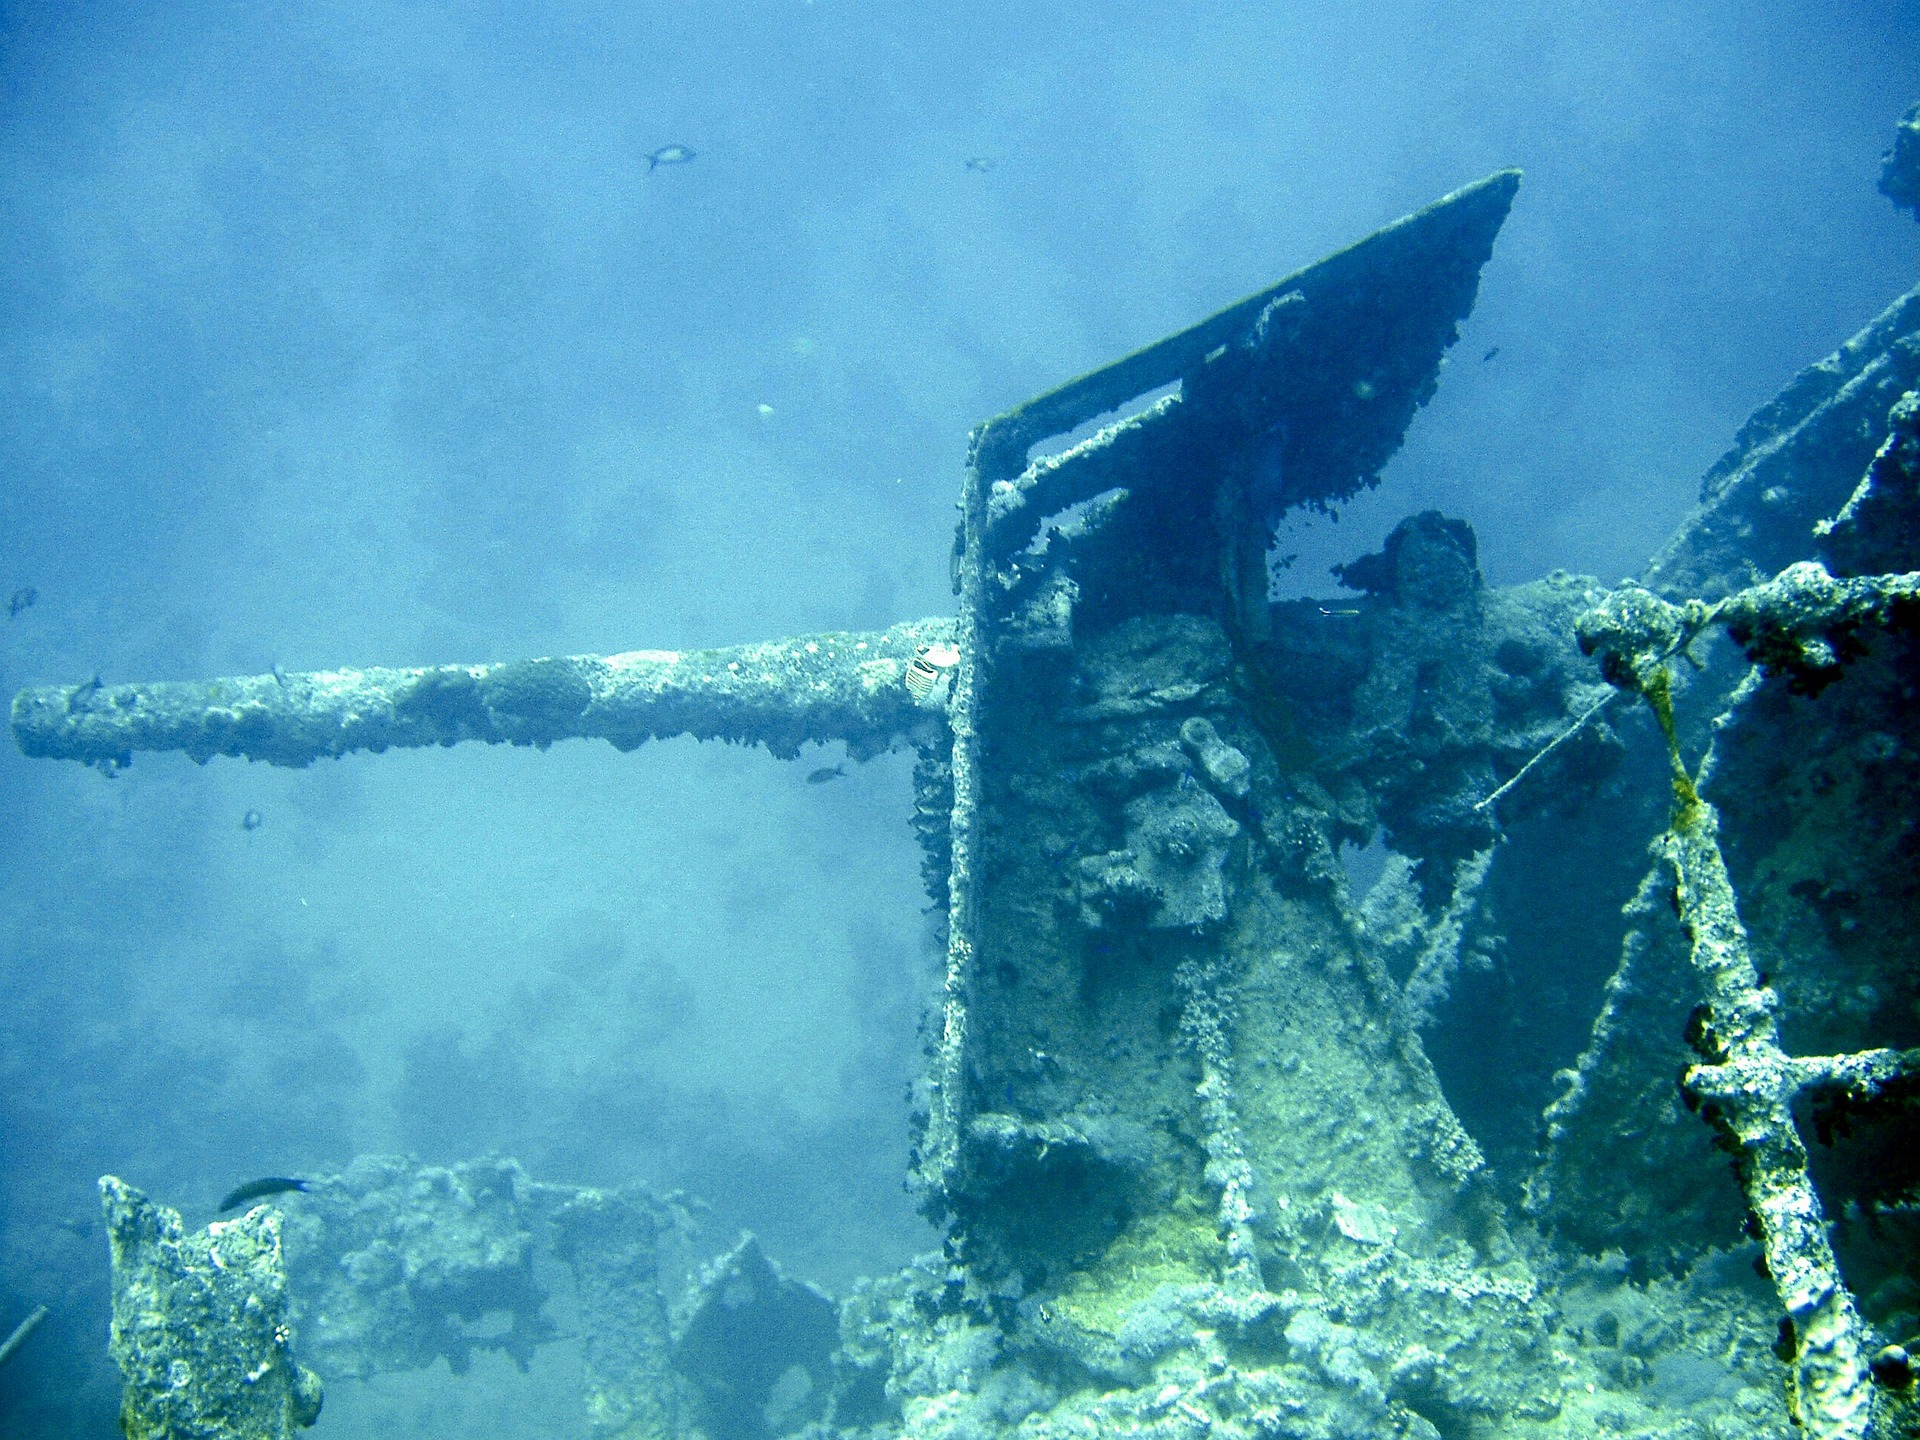 underwater-712631_1920.jpg